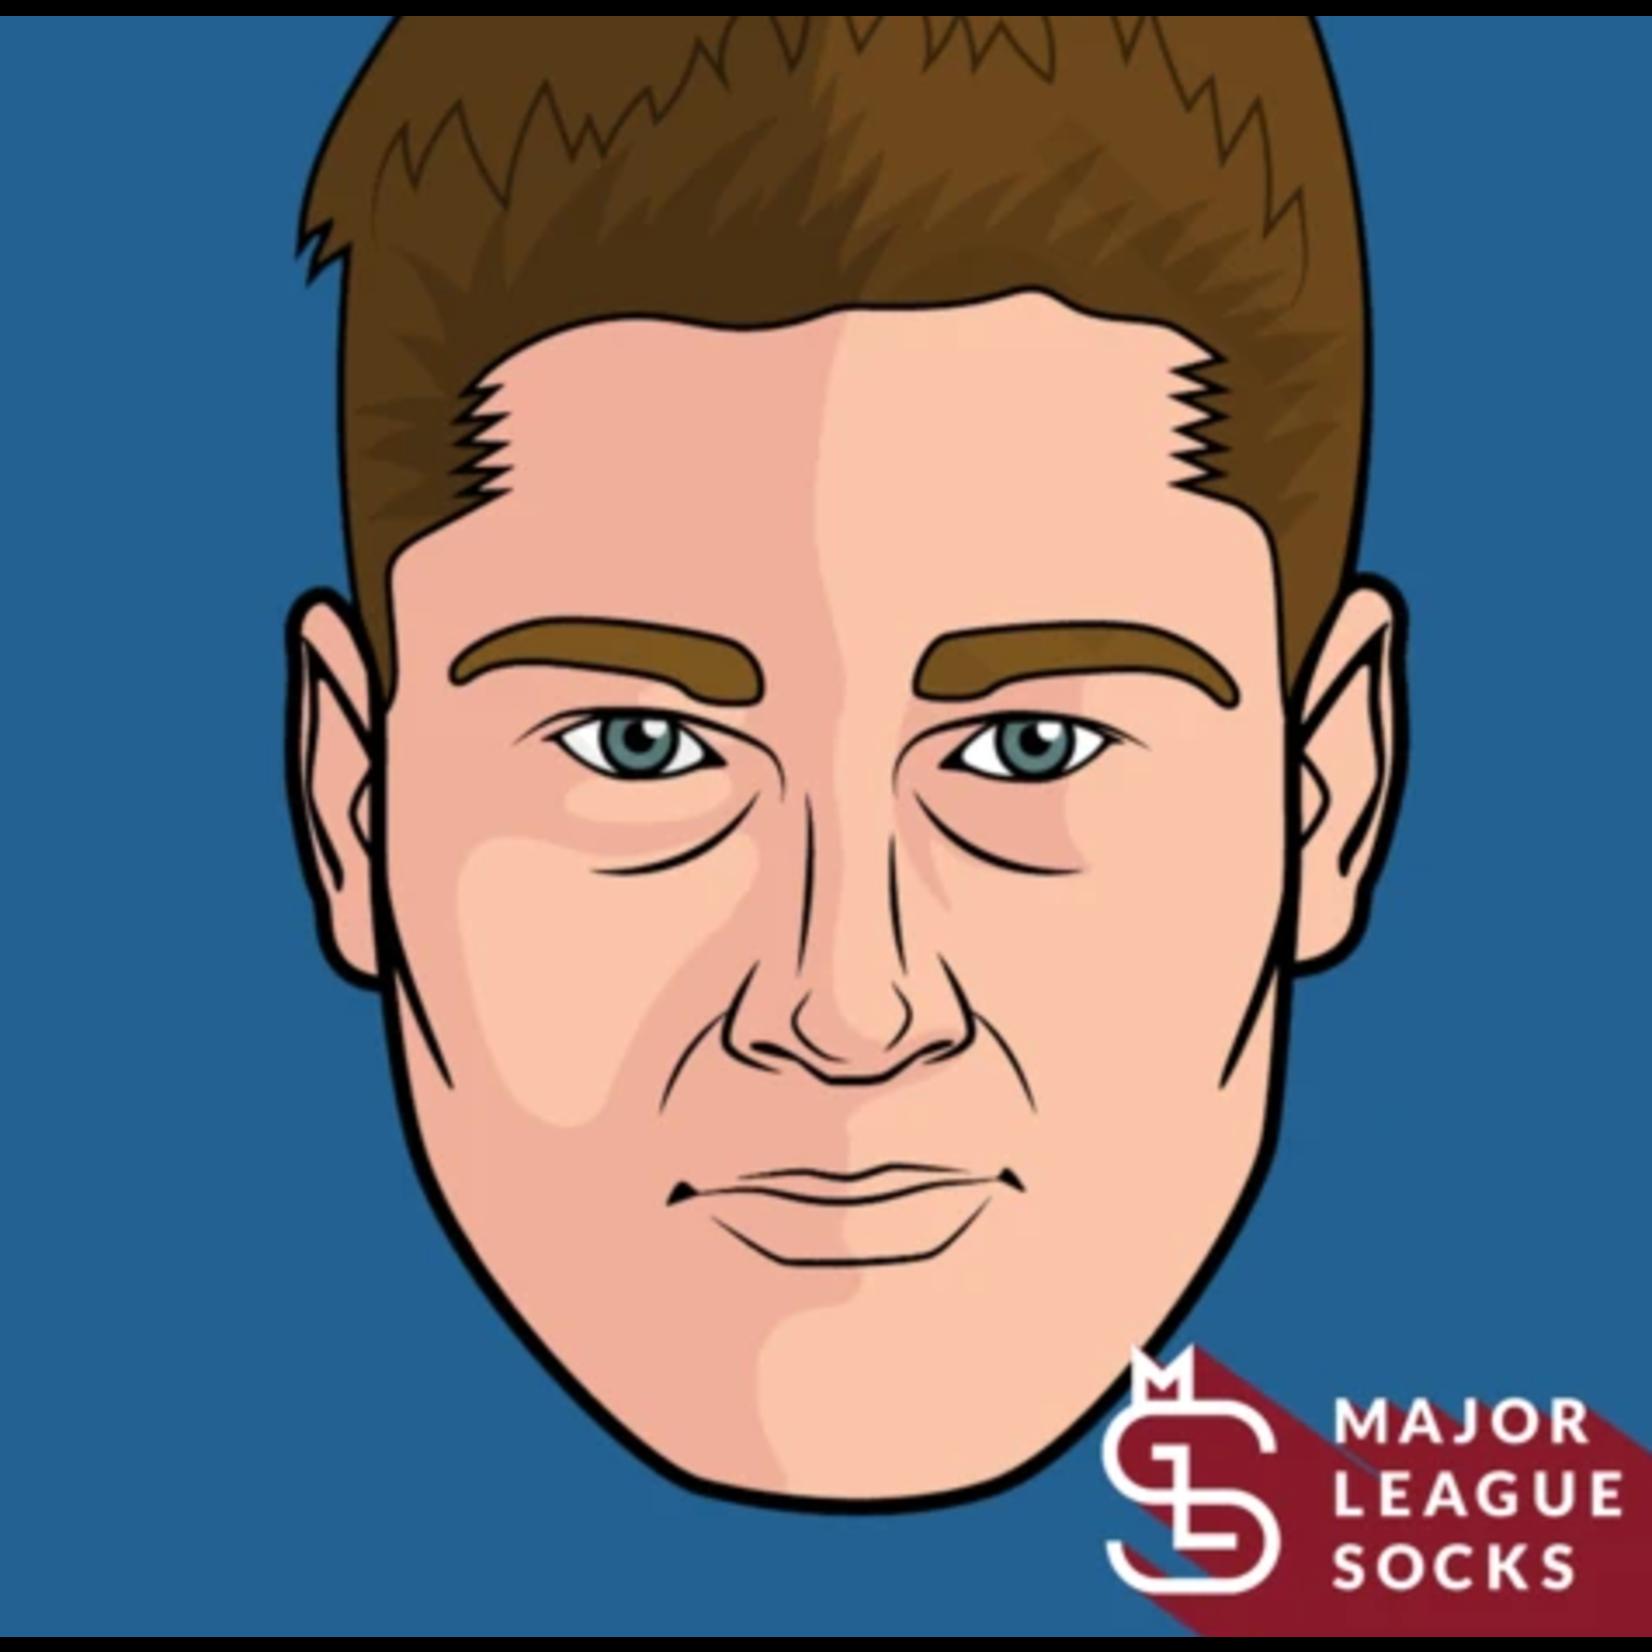 Major League Socks - Nathan Mackinnon